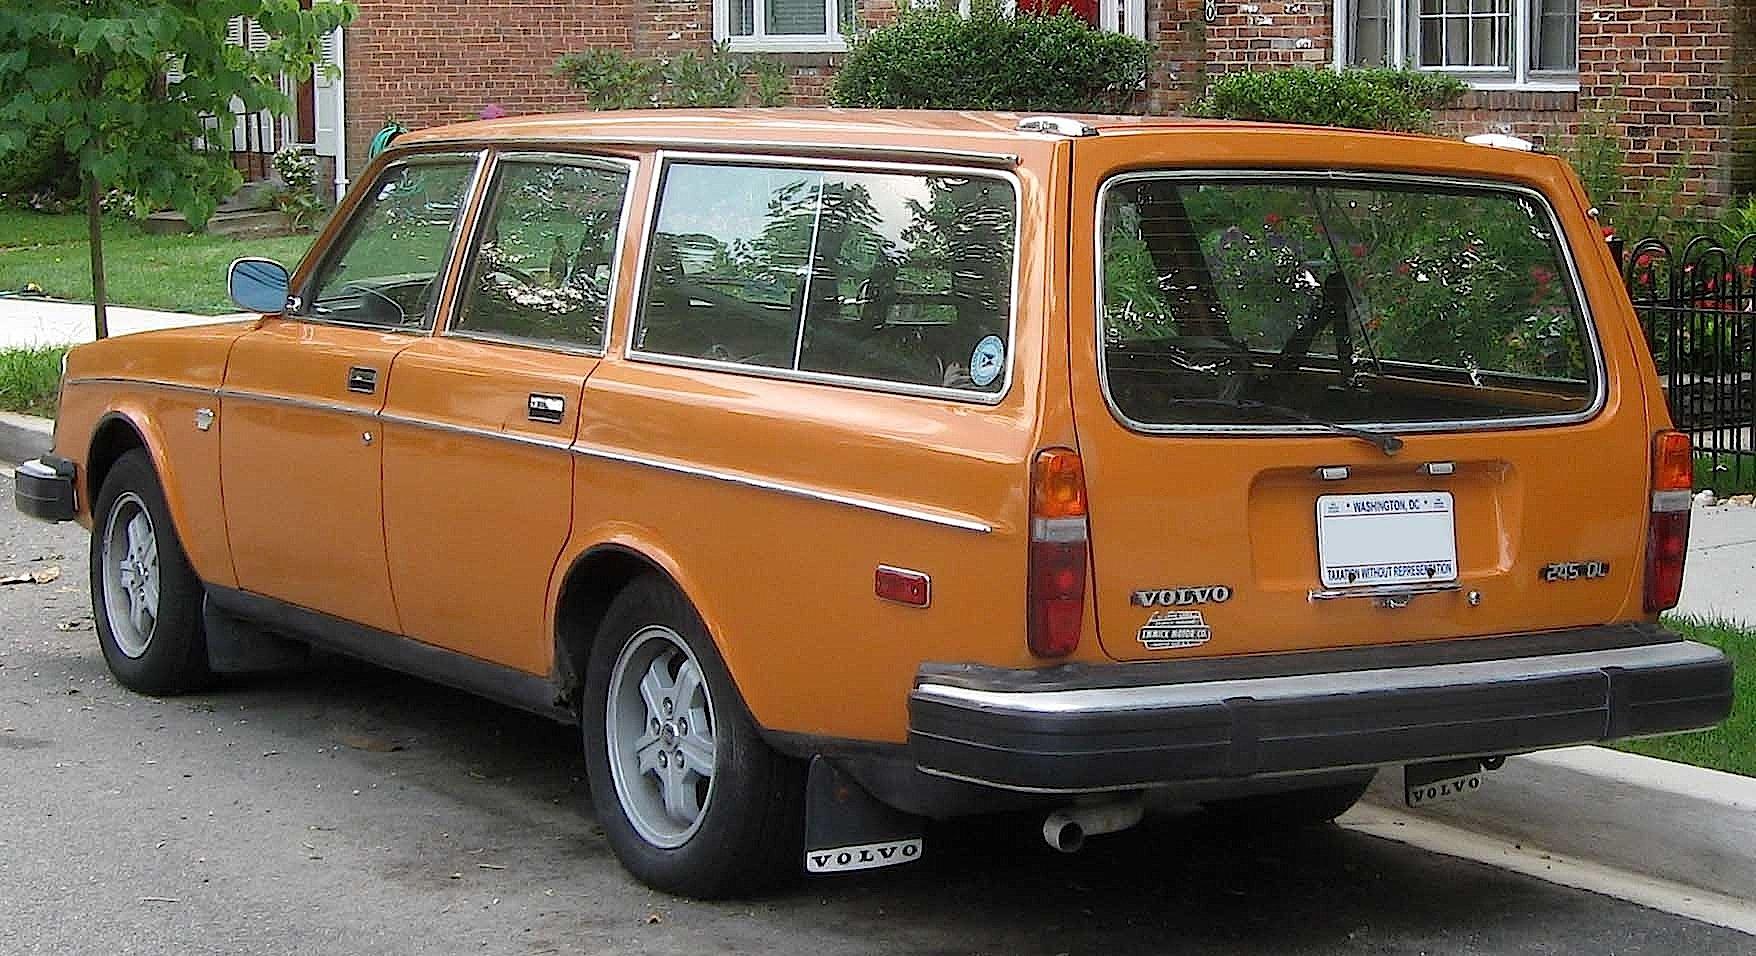 Volvo_245_DL_wagon_rear_polar